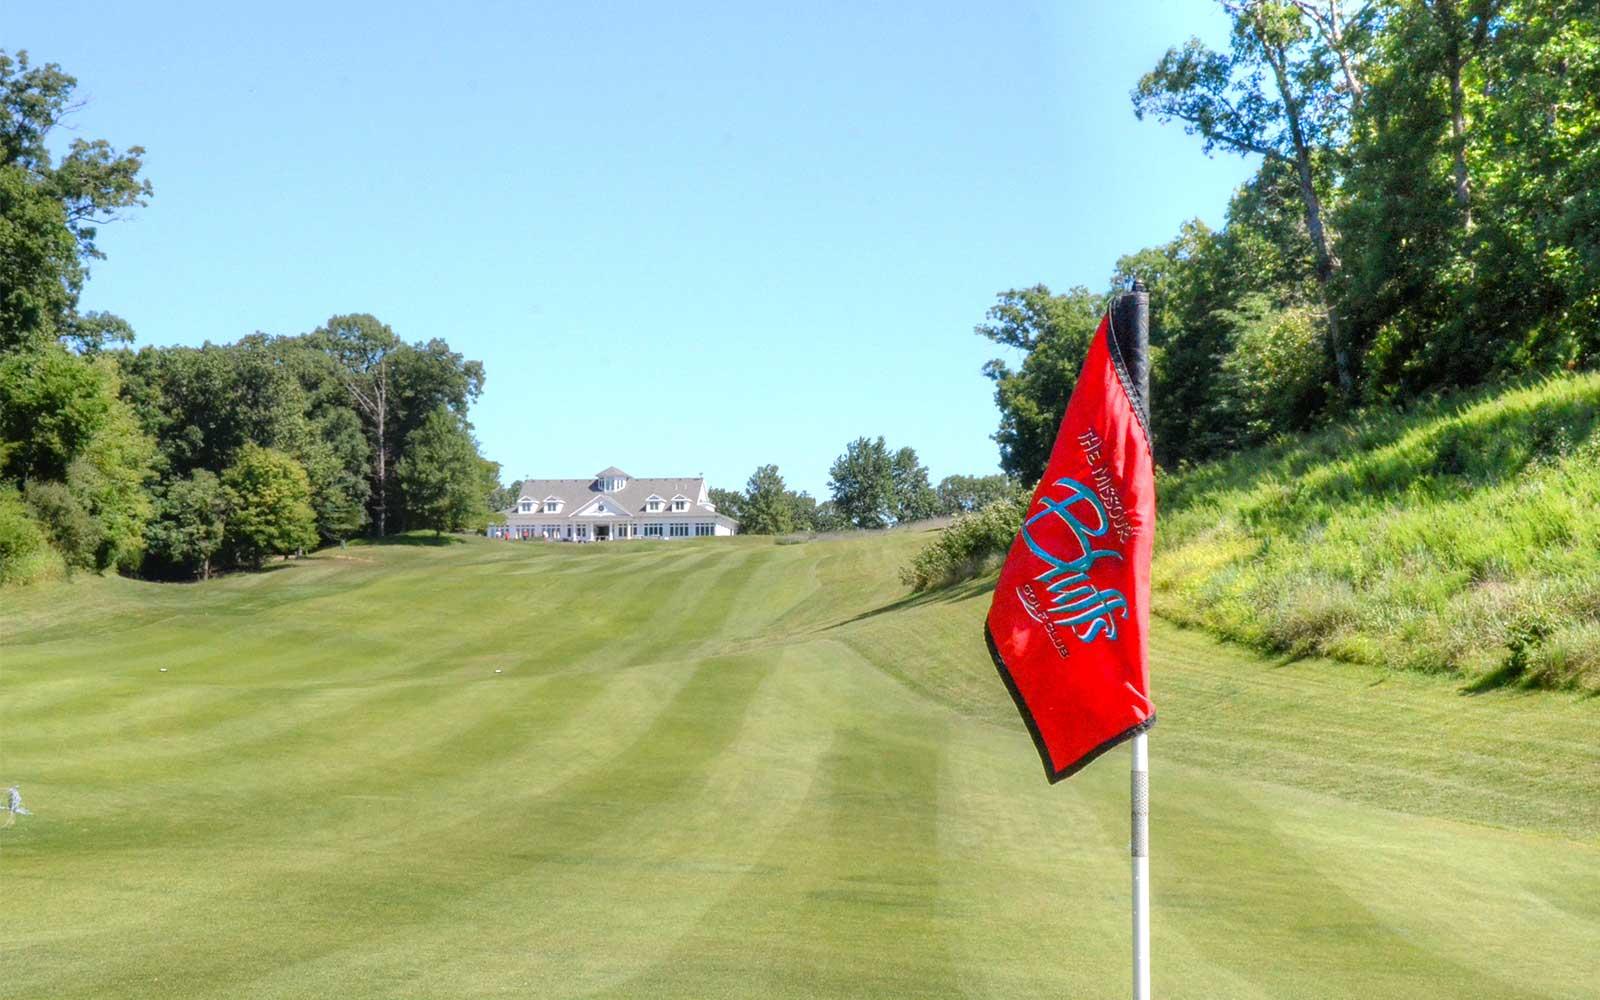 Missouri-Bluffs-Golf-Club,-St-Louis,-MO-Flag